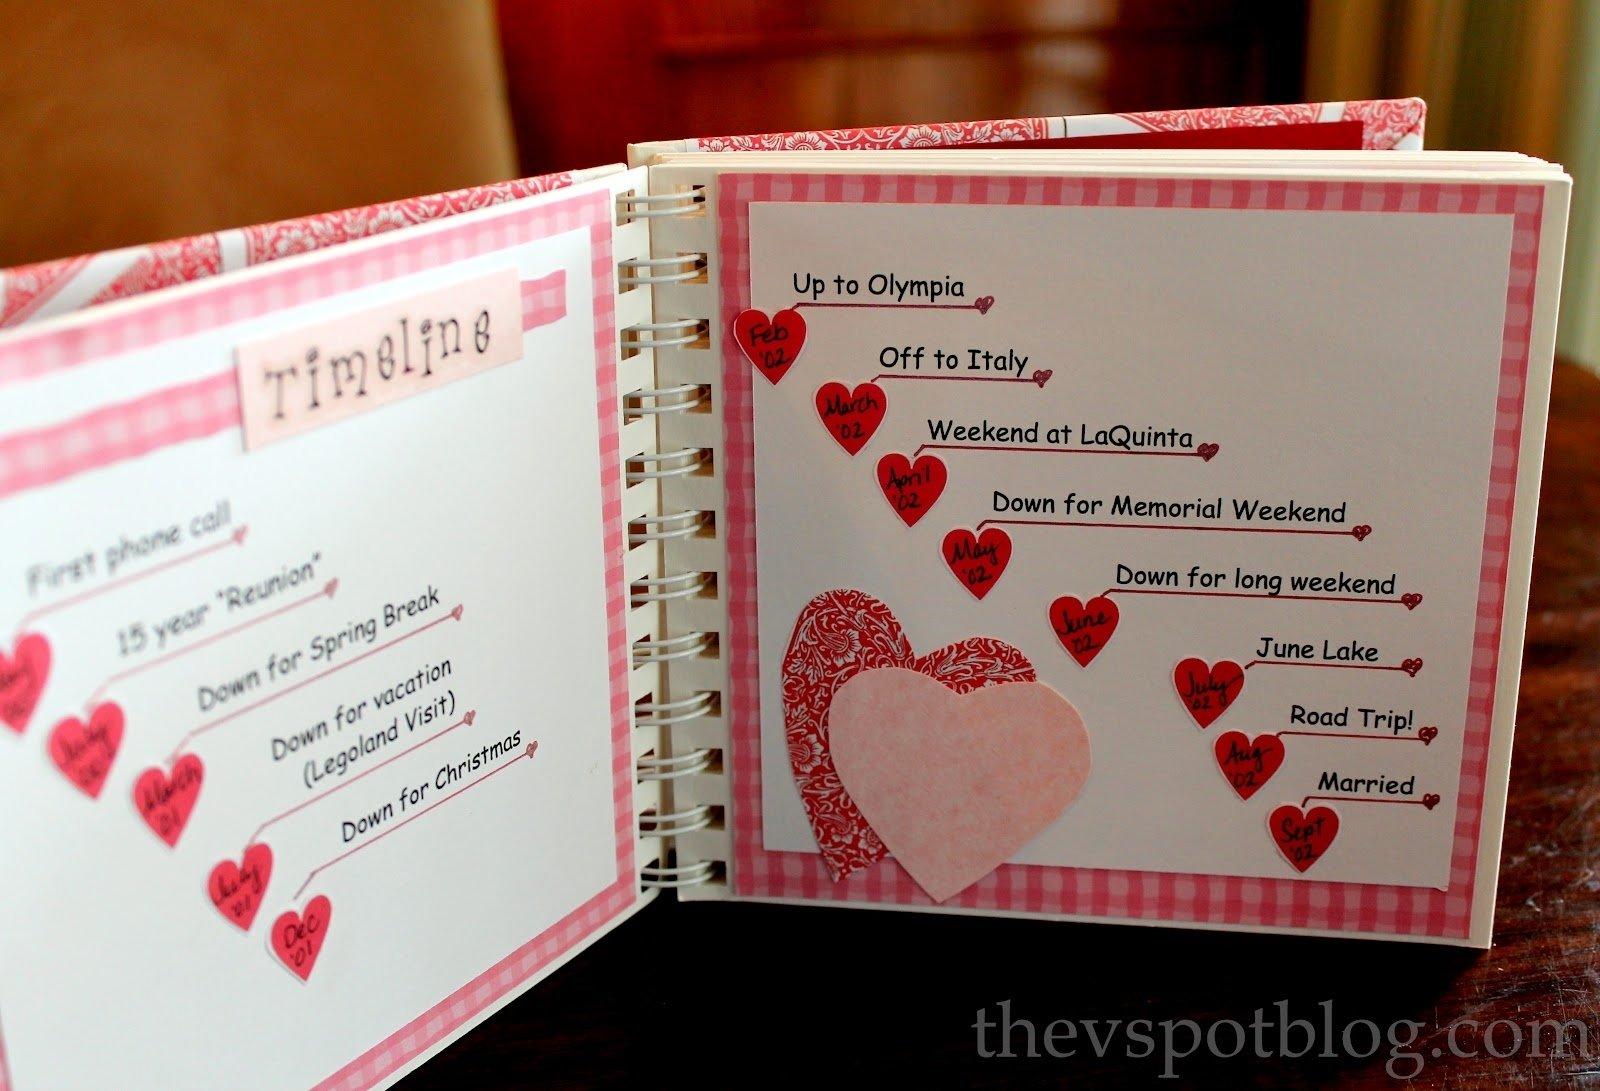 10 Elegant Valentines Day Gift Ideas For Him valentine day new creative ideas boyfriend husband him home art 20